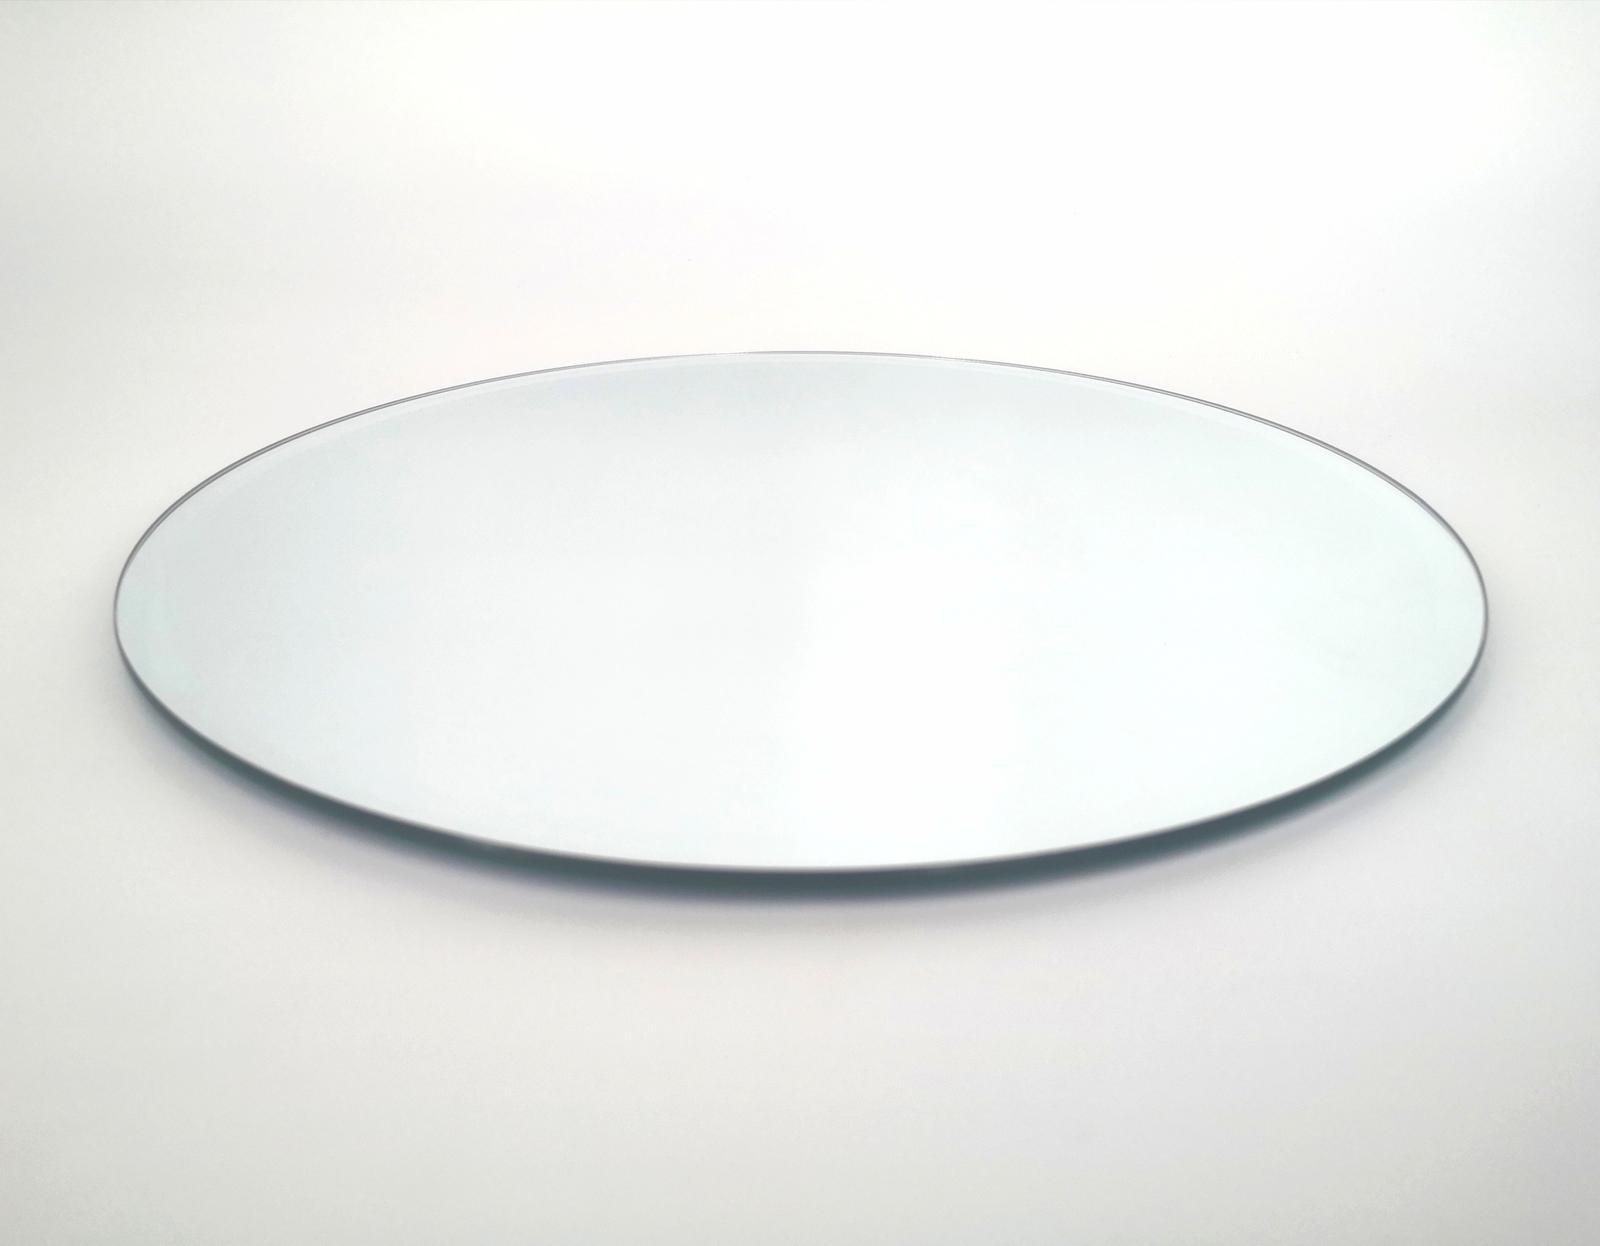 Prenájom - Zrkadlový podnos pod sviečku 25 cm - Obrázok č. 1